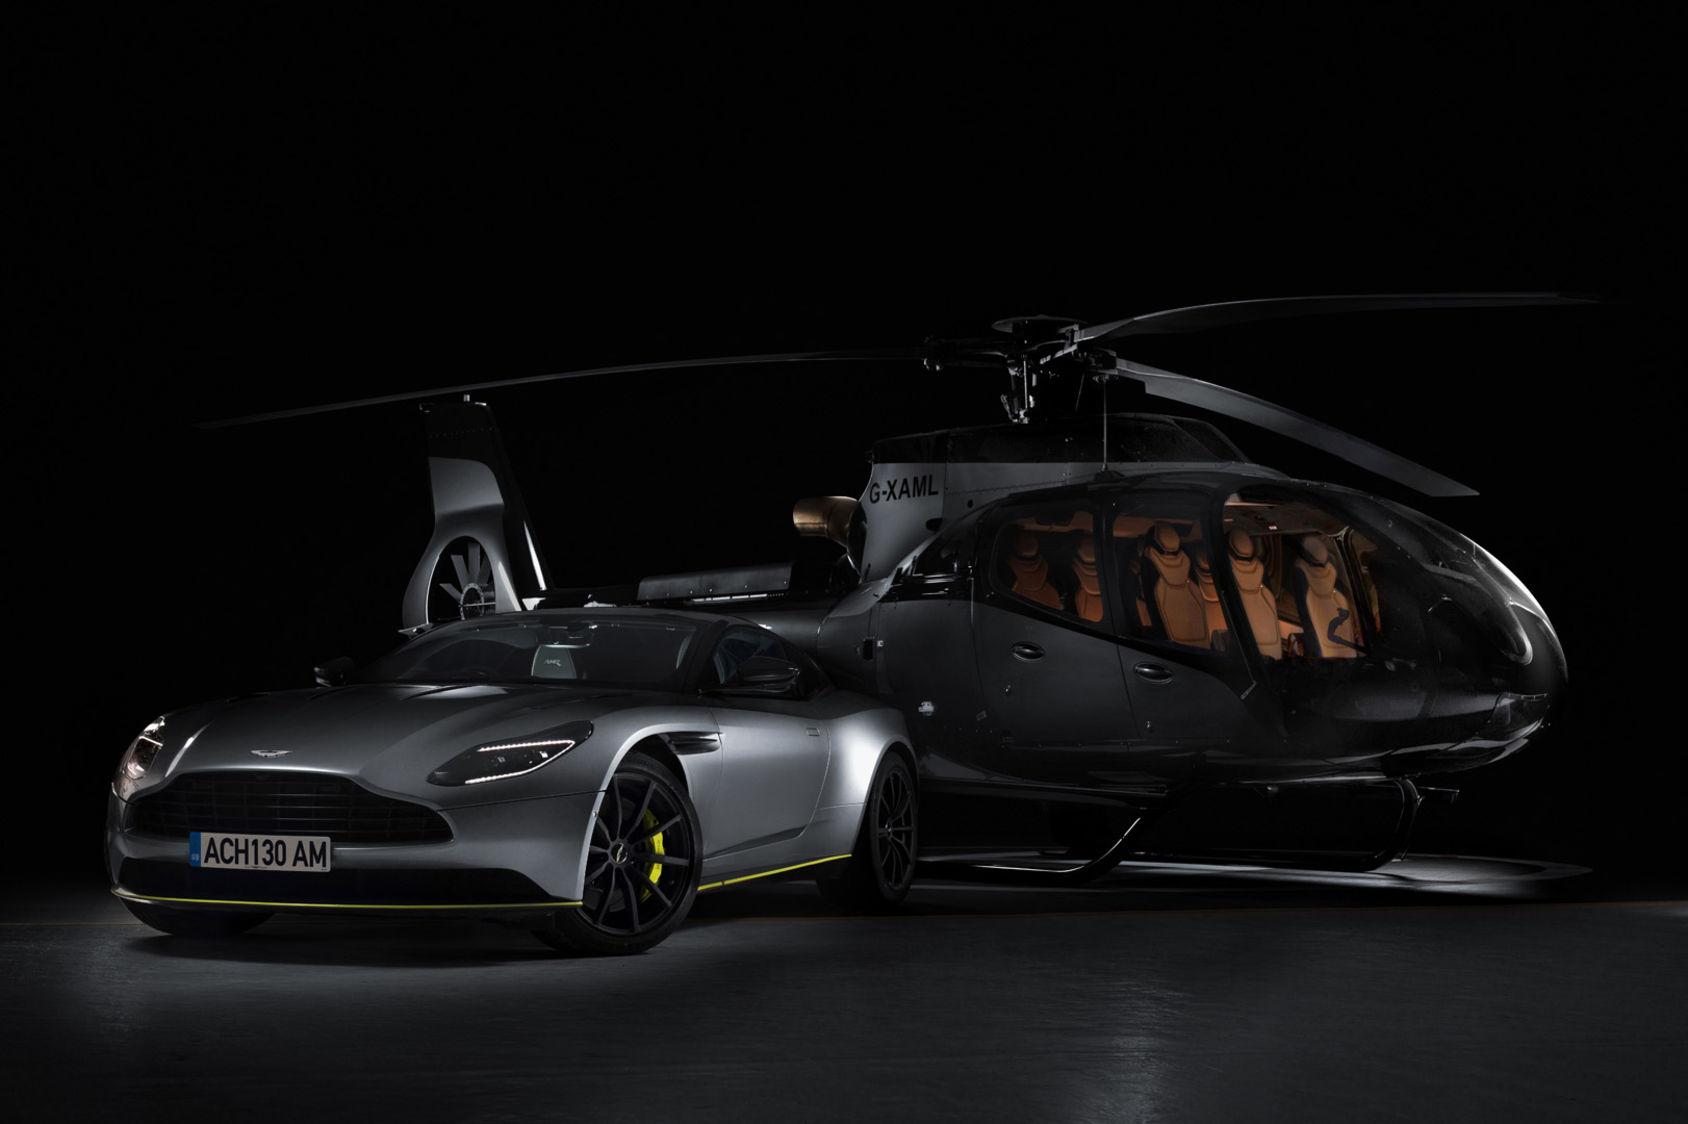 Det här är Airbus och Aston Martins helikopter